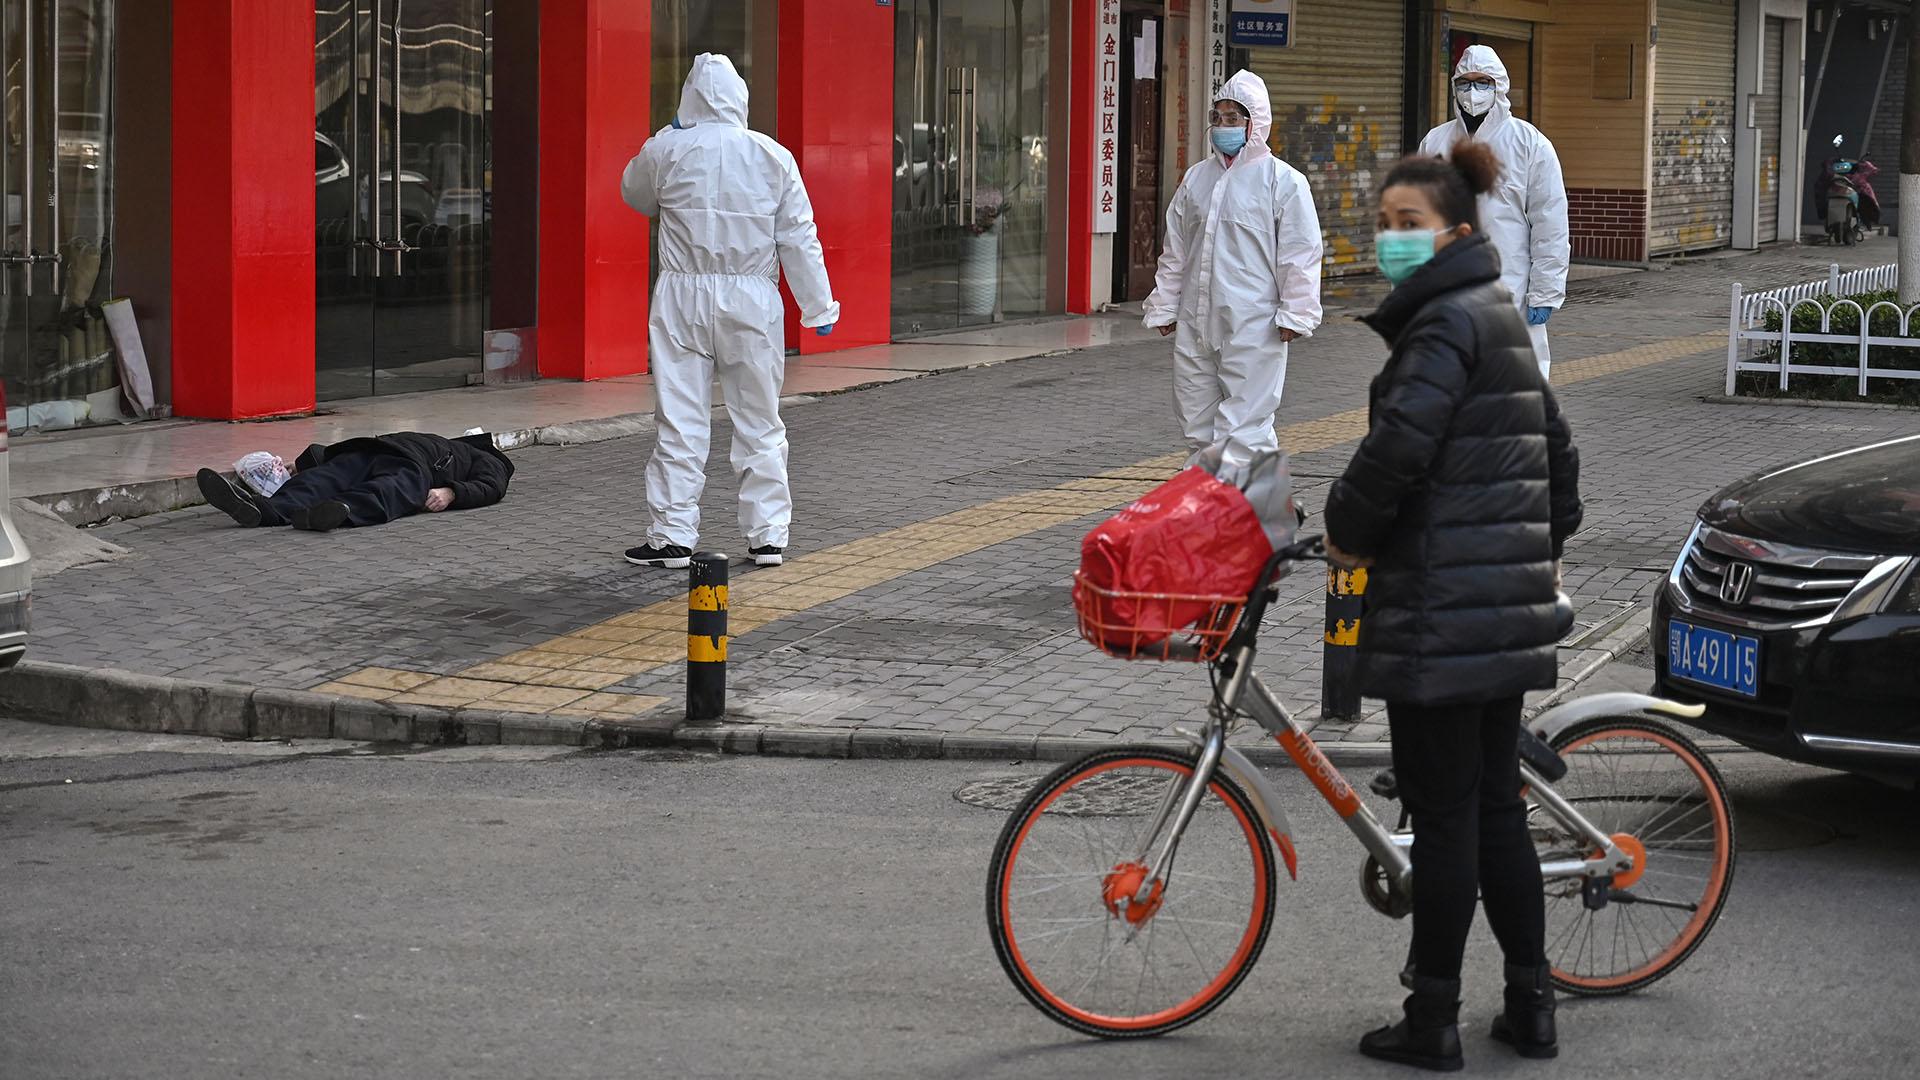 Un anciano con una máscara facial murió en una calle cercana a un hospital en Wuhan (Héctor RETAMAL / AFP)